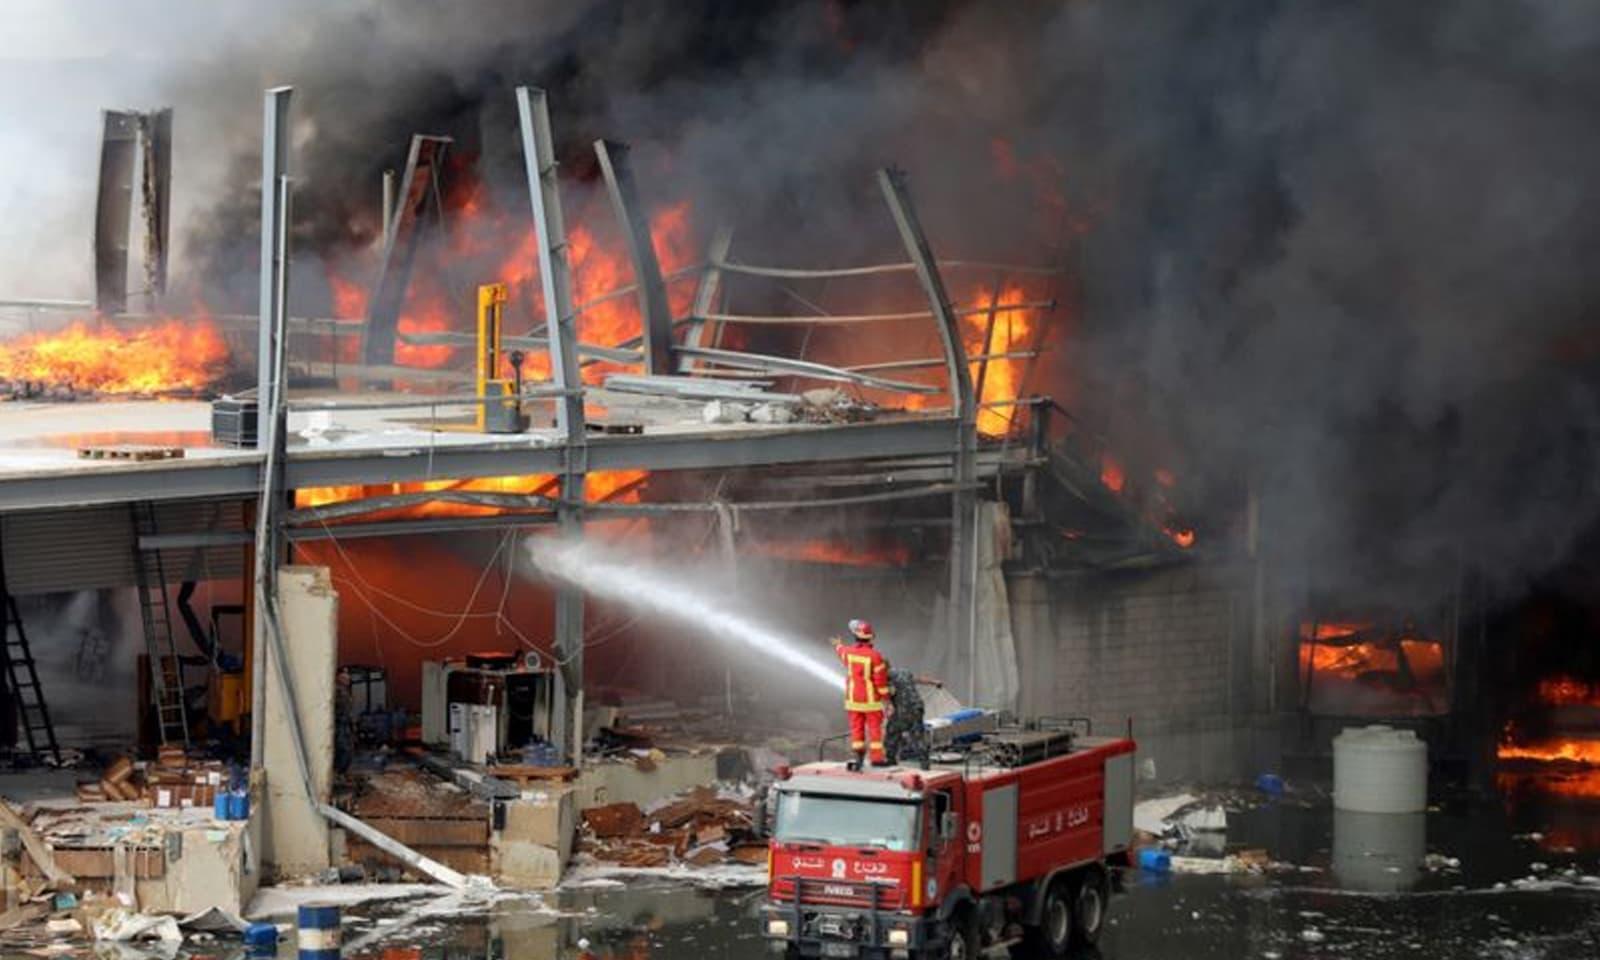 آگ لگنے کے نتیجے میں شعلے بلند ہوئے اور دھوئیں نے پورے بیروت کو لپیٹ میں لے لیا —فوٹو: رائٹرز